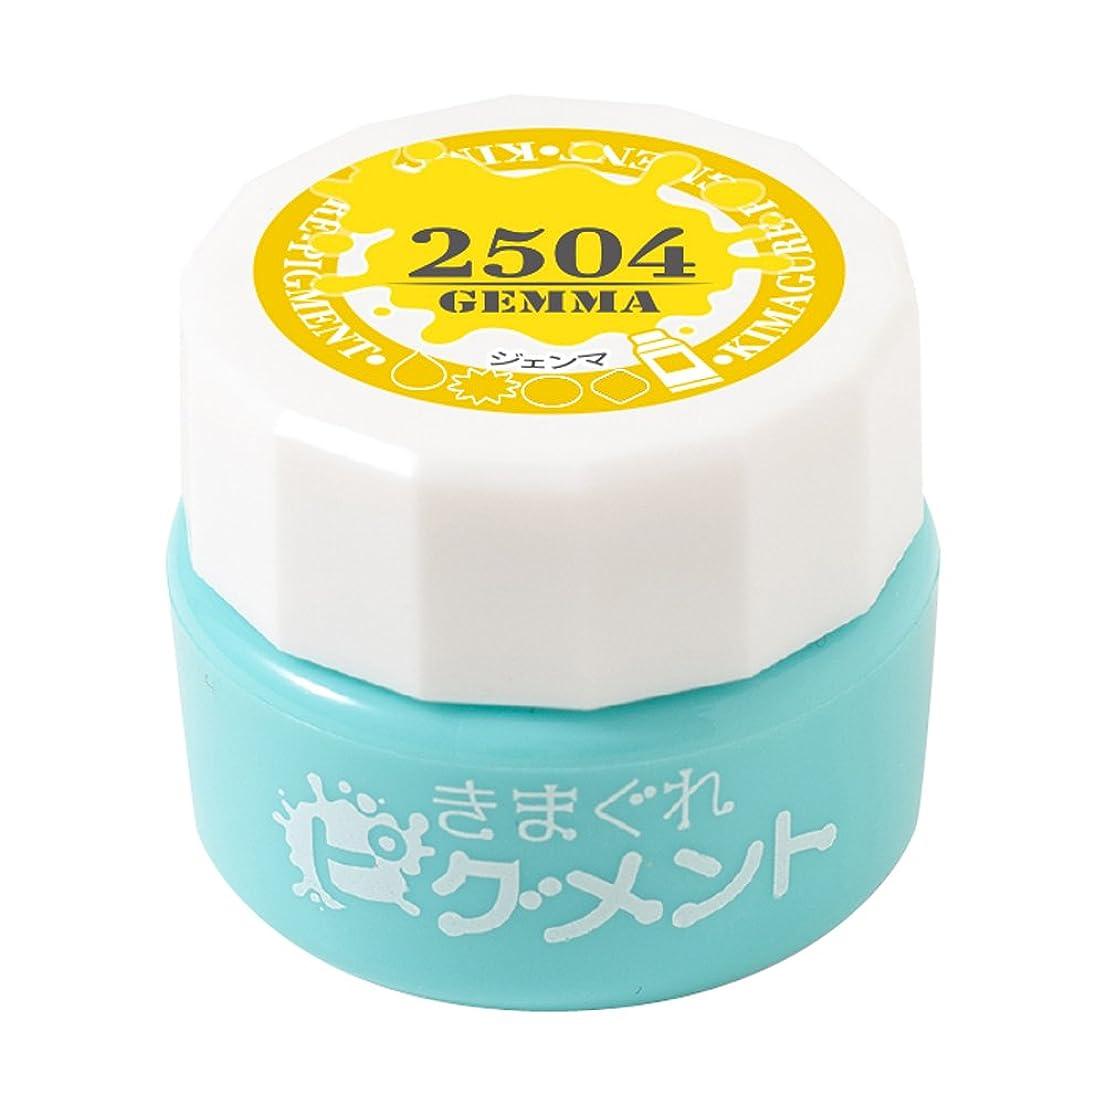 読書翻訳者年Bettygel きまぐれピグメント ジェンマ QYJ-2504 4g UV/LED対応